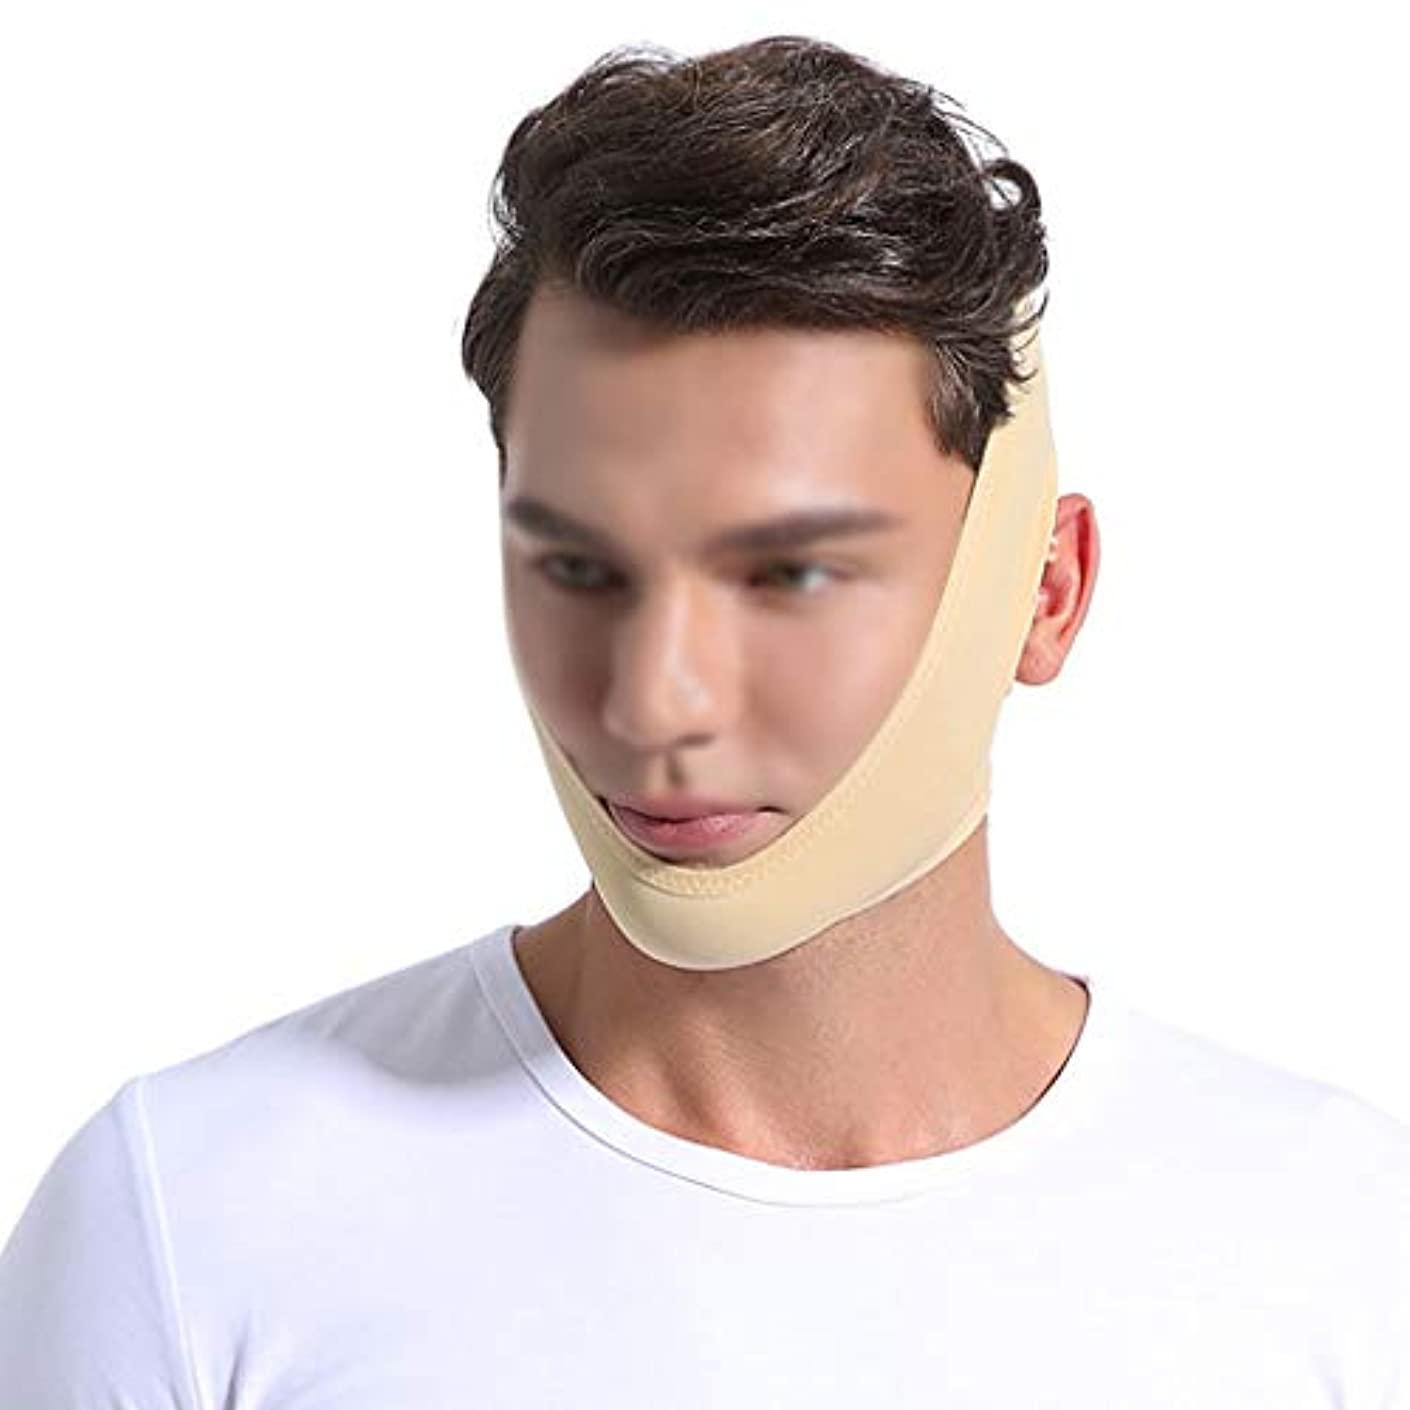 ムス電化する生物学GLJJQMY フェイスリフティング包帯マスク修復マスク男性と女性の顔の包帯フェイスリフトアーチファクト 顔用整形マスク